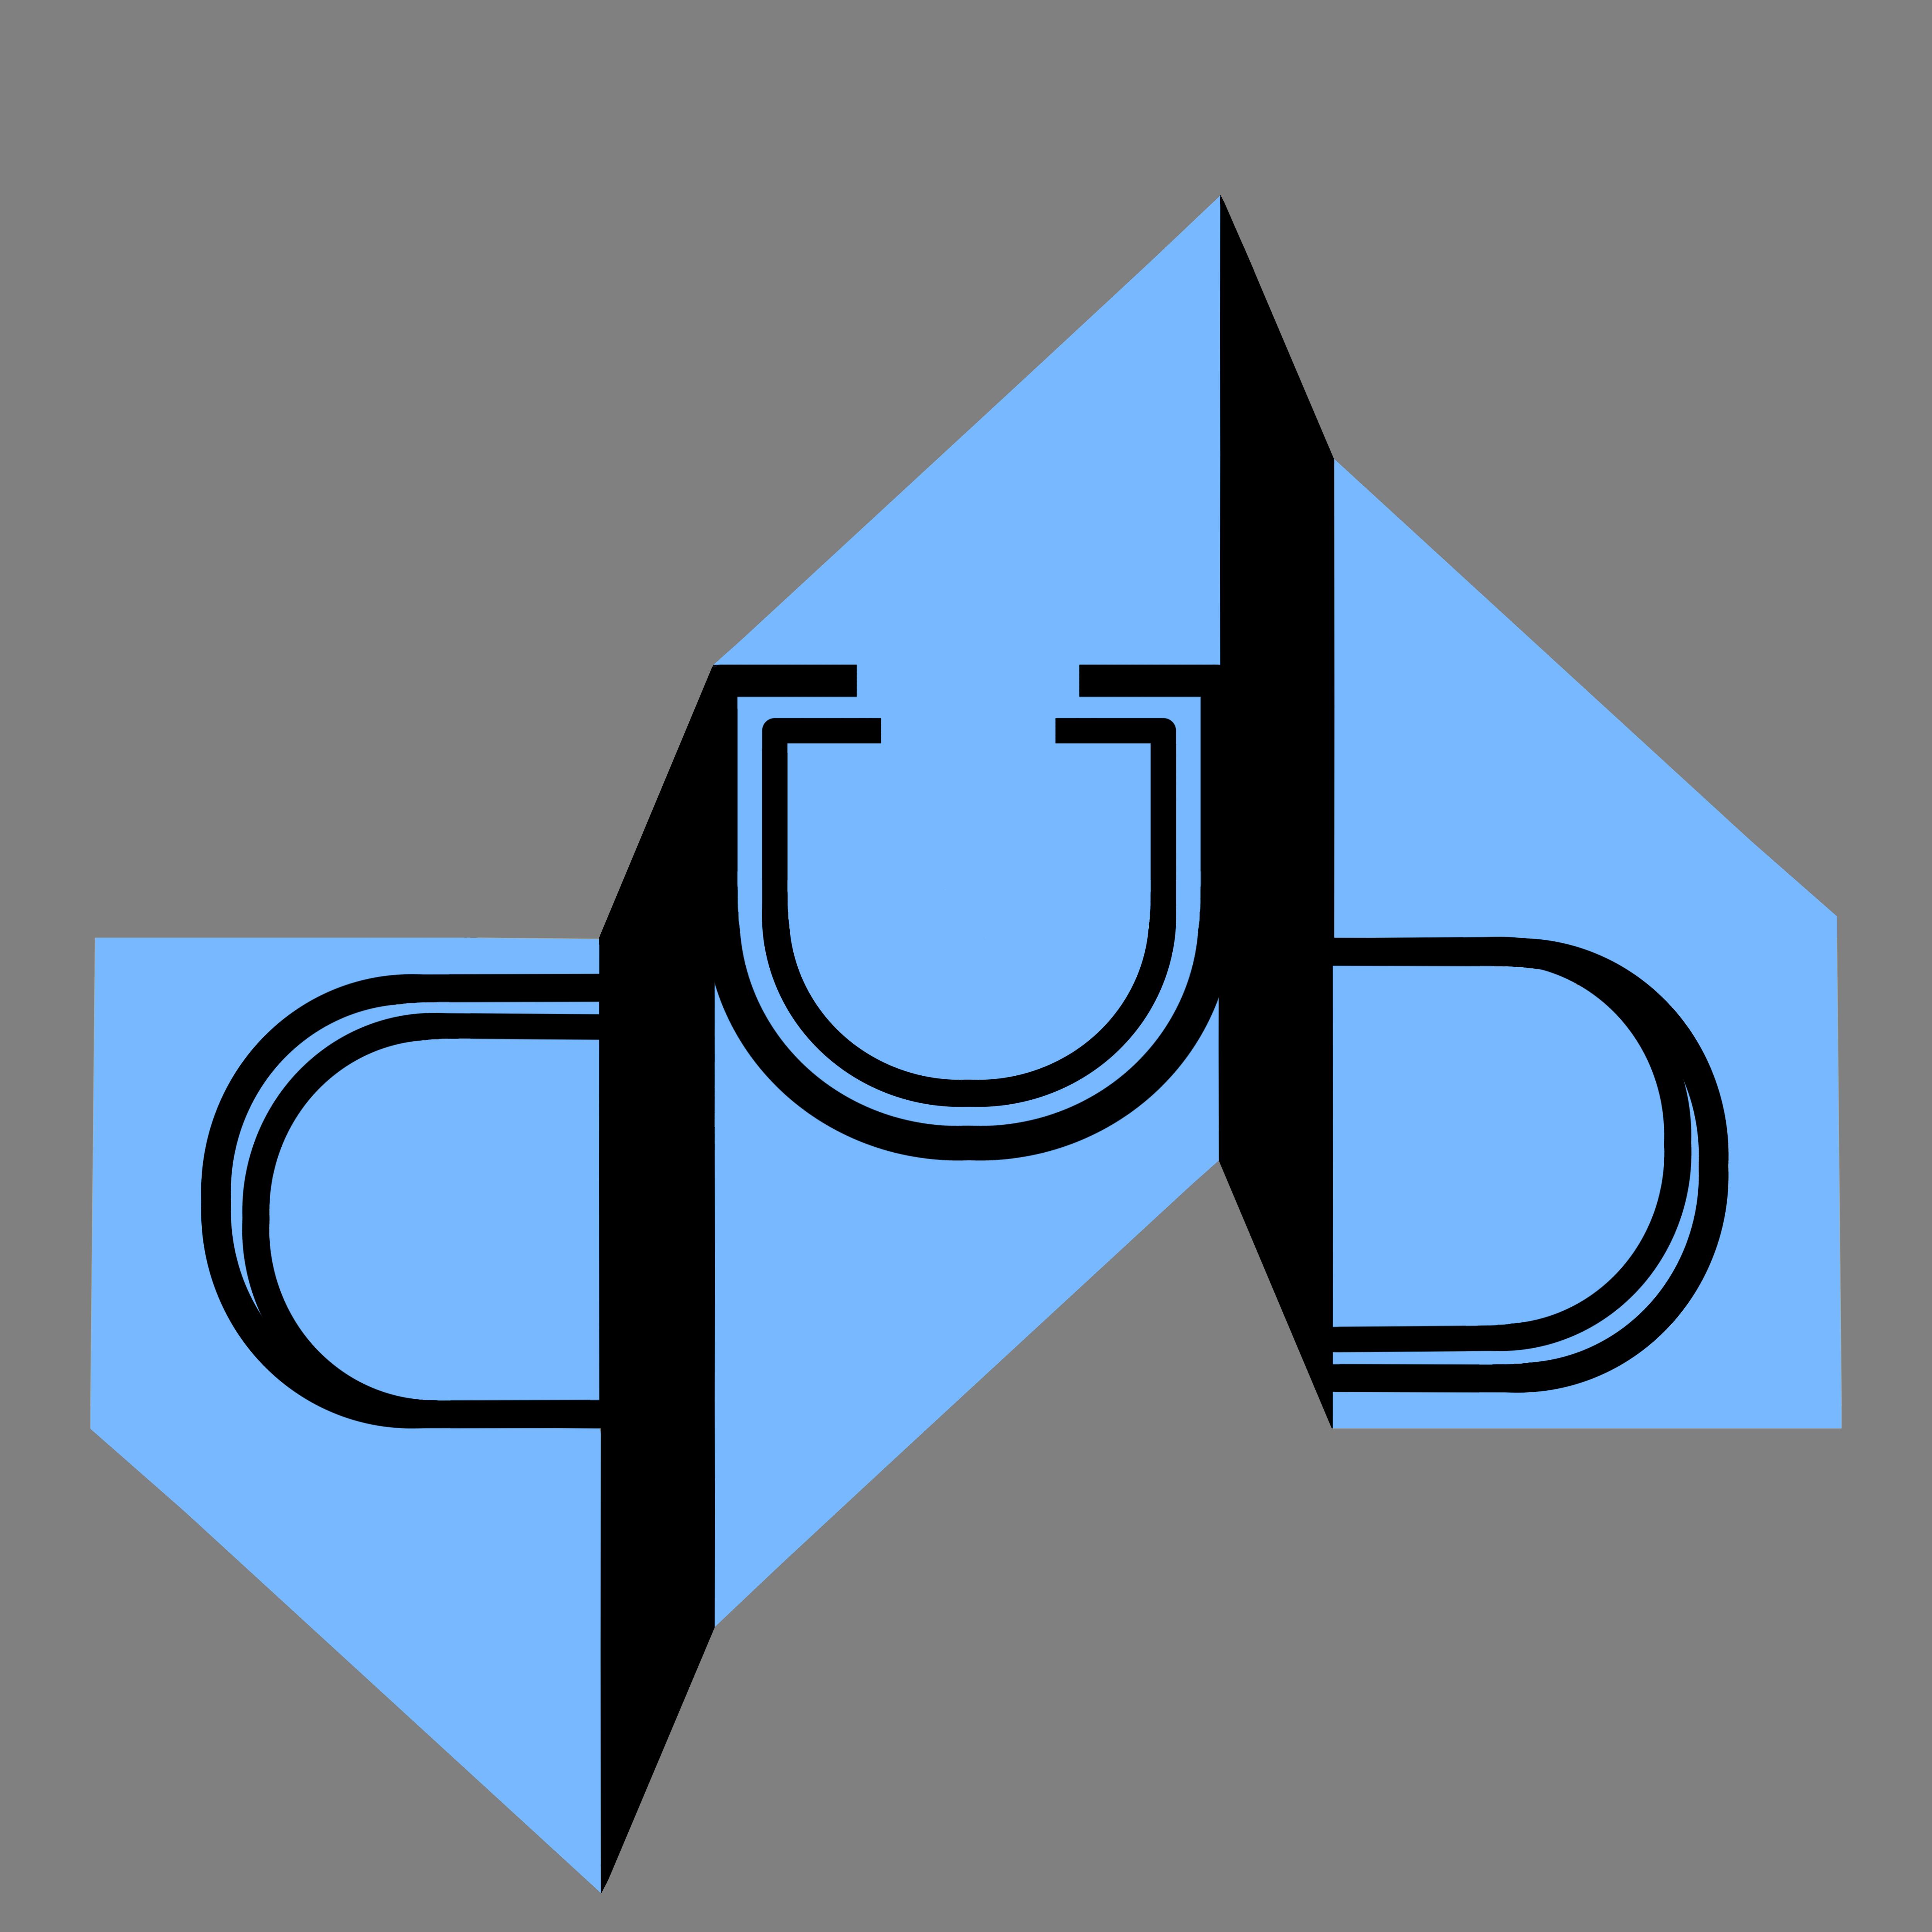 Разработка логотипа и фирменного стиля для ТМ фото f_1705f2129fa7a328.png